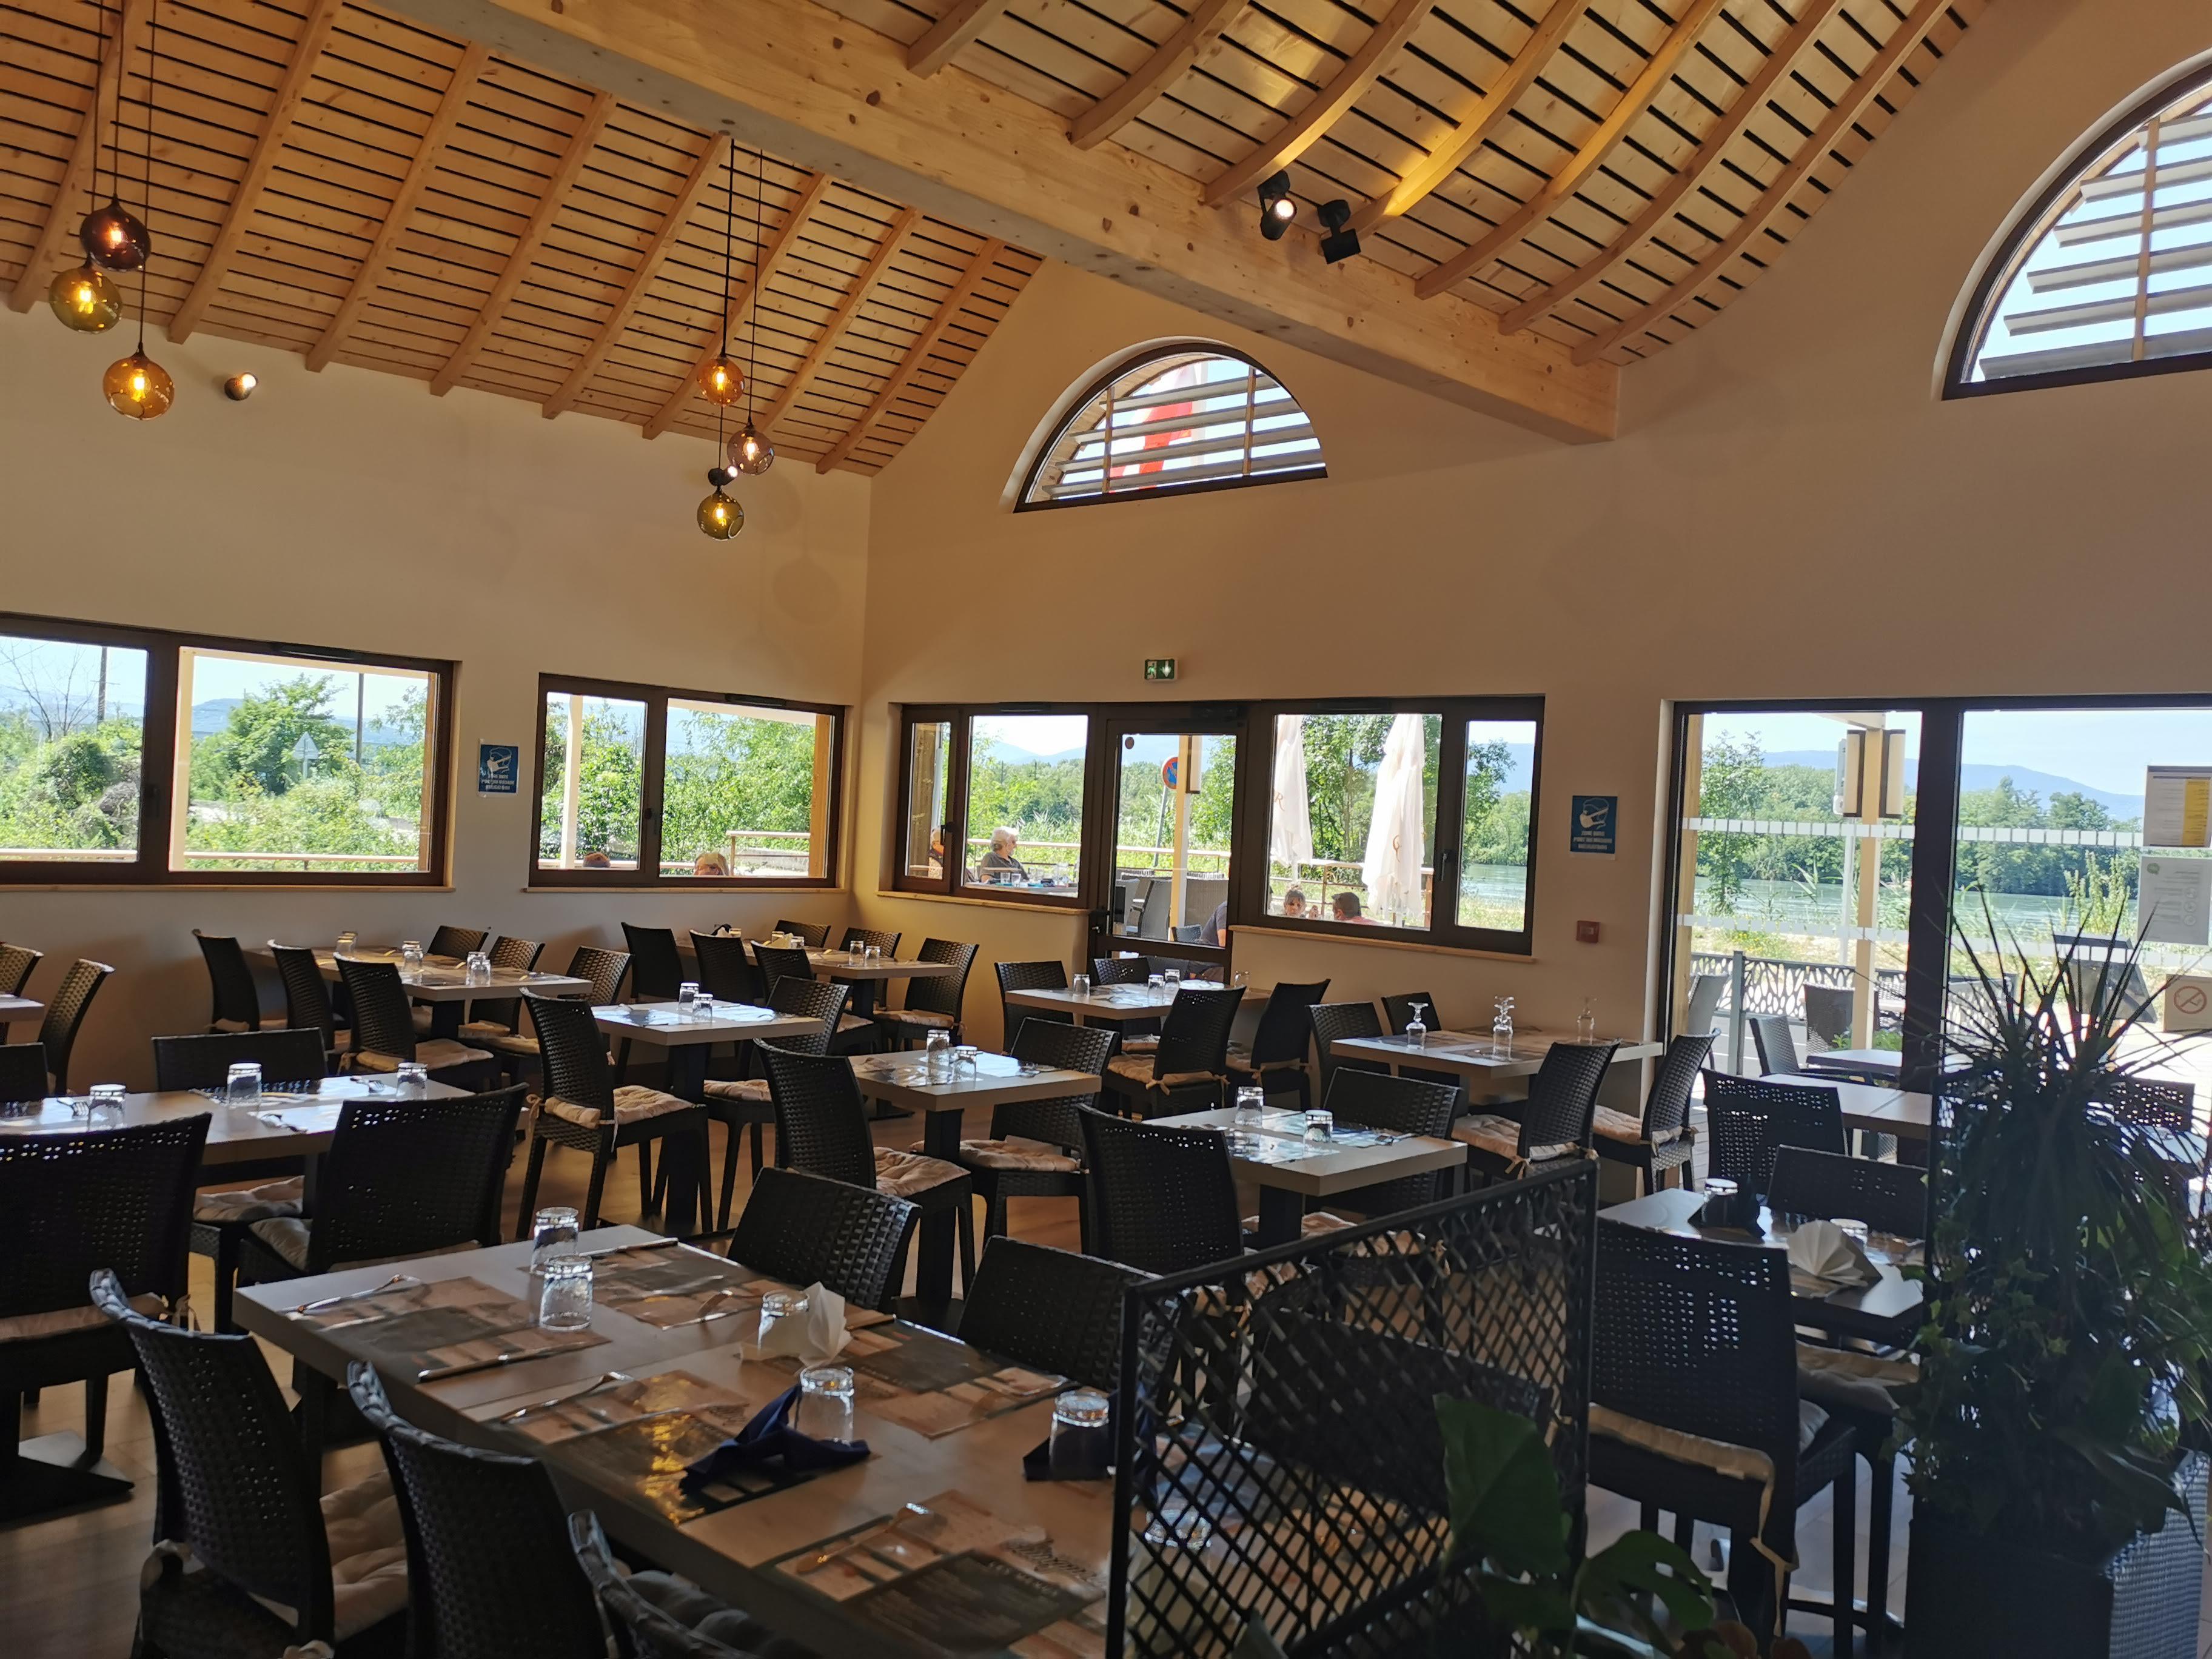 Agencement restaurant, plafond fenêtre, bar